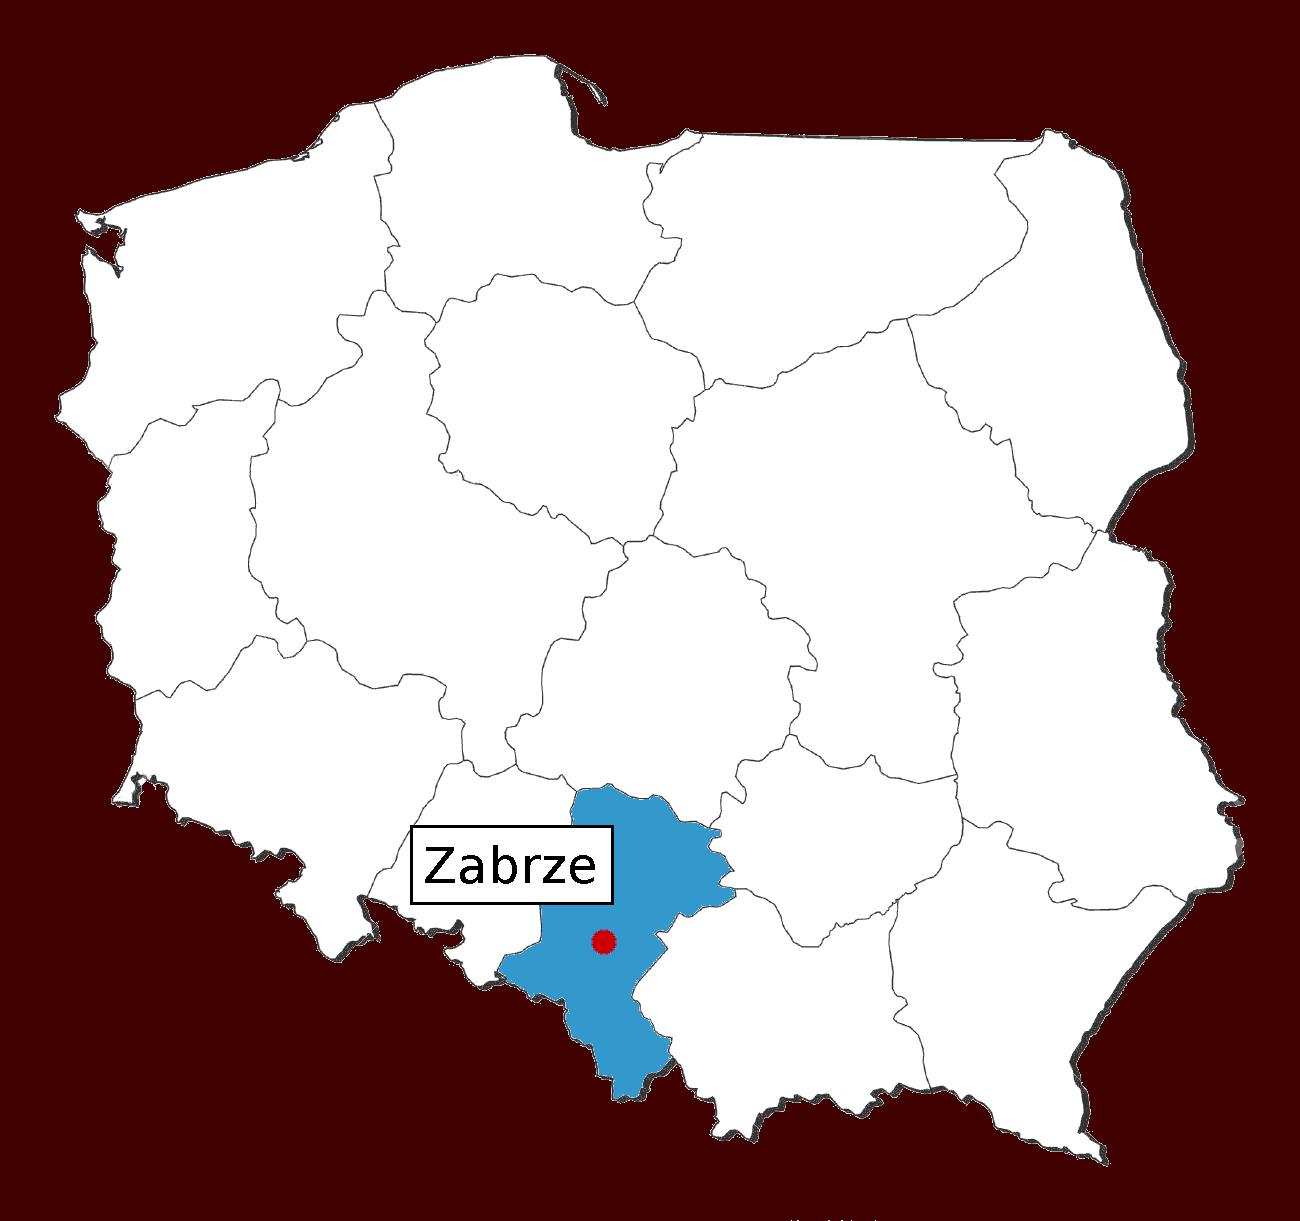 lokalizacja Zabrze